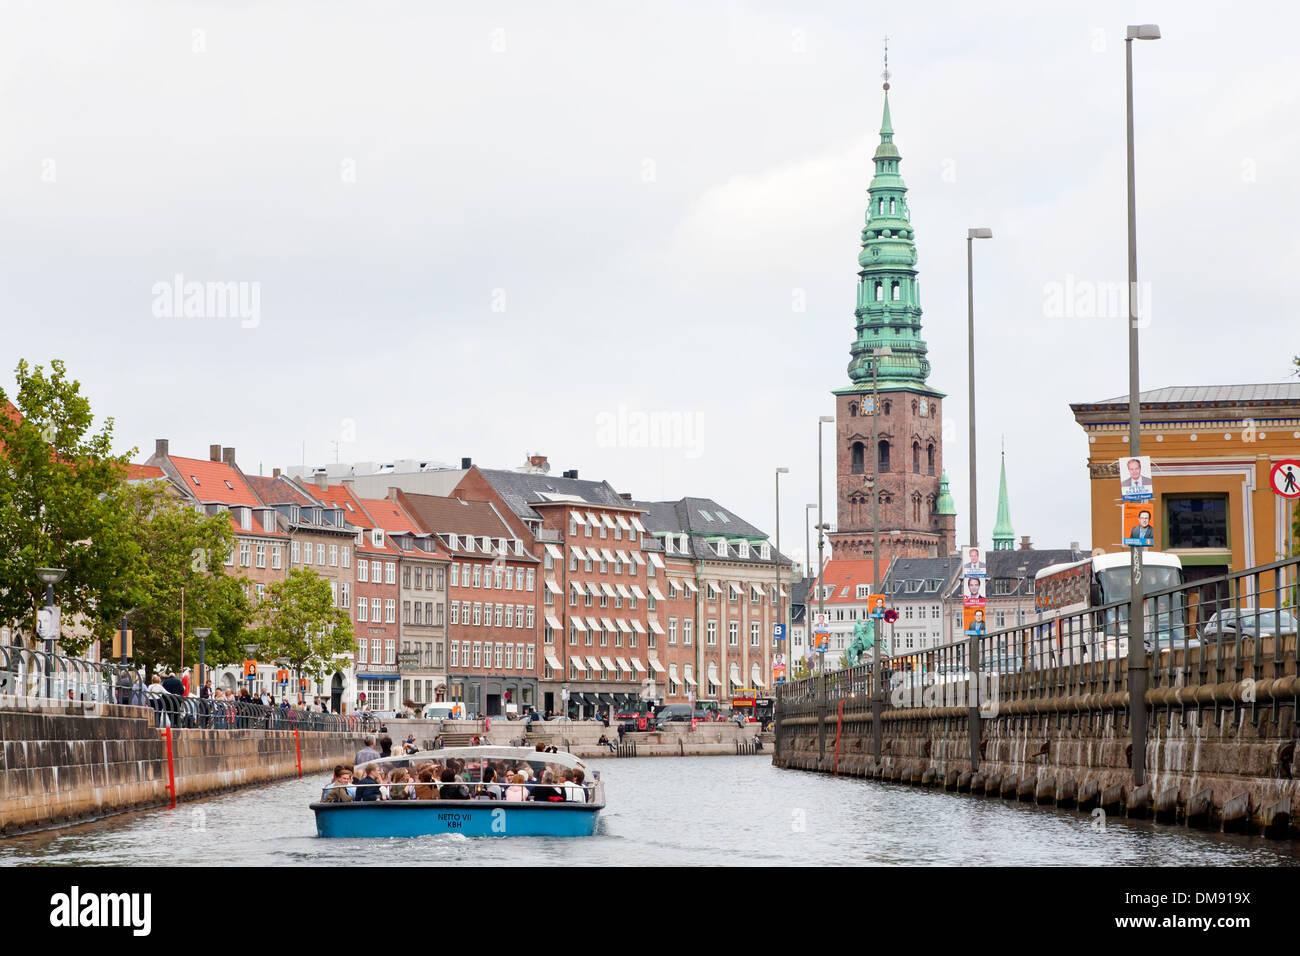 boat guided tour on Frederiksholms Kanal, in Copenhagen - Stock Image